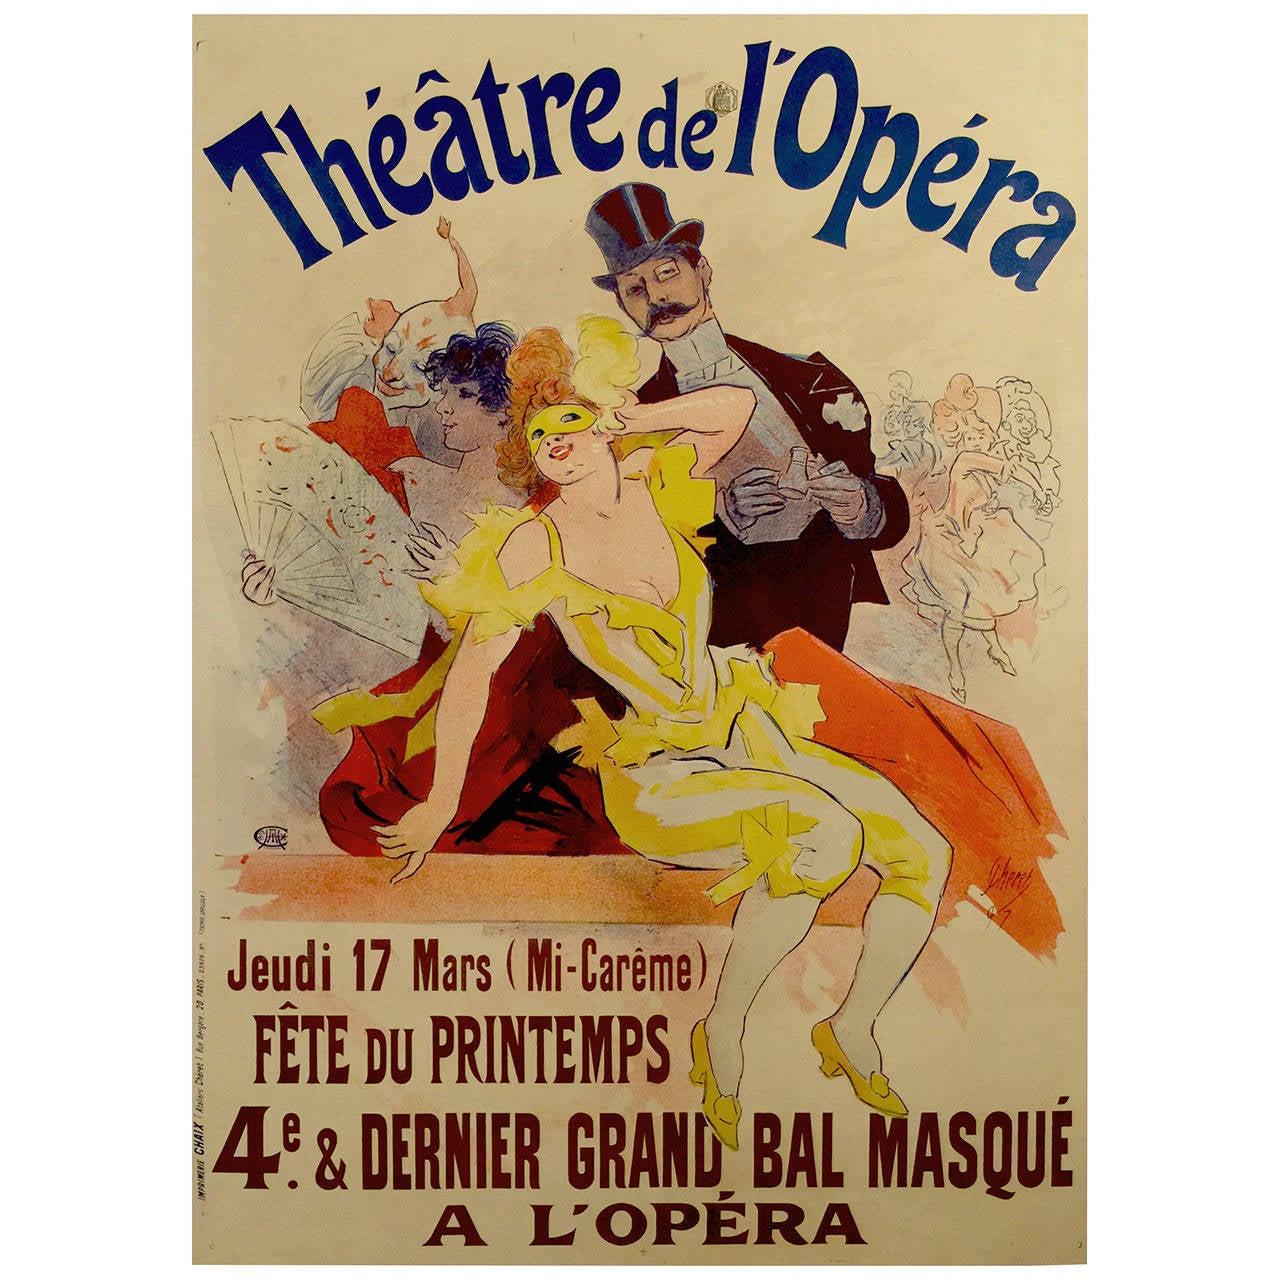 French Belle Époque Period Poster for Théâtre de l'Opera by Jules Cheret 1897